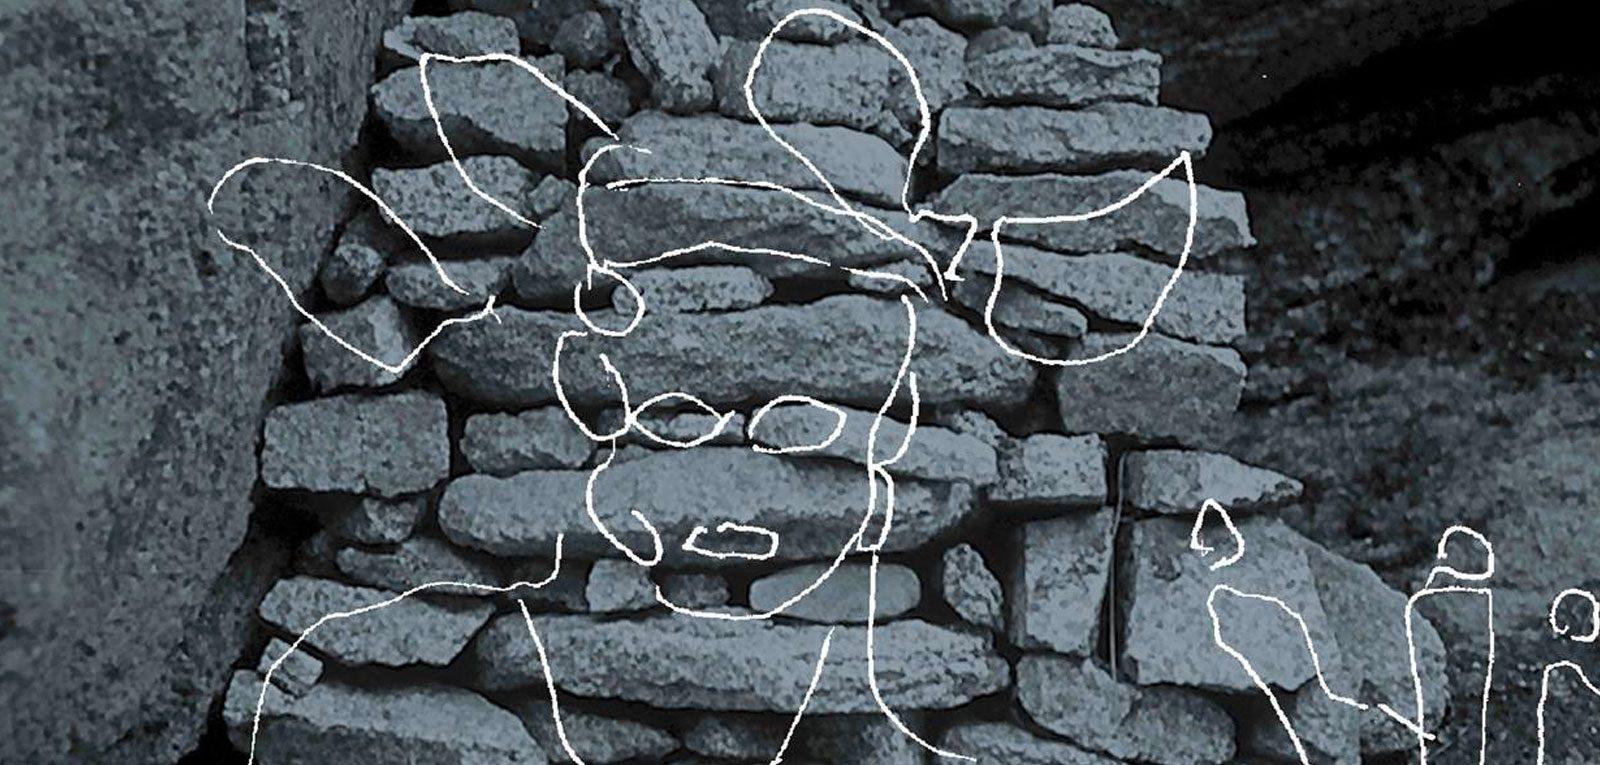 Banlieue Banlieue – Alain Campos, Antonio Gallego, et José Maria Gonzalez alias Banlieue-Banlieue | Aedaen Gallery